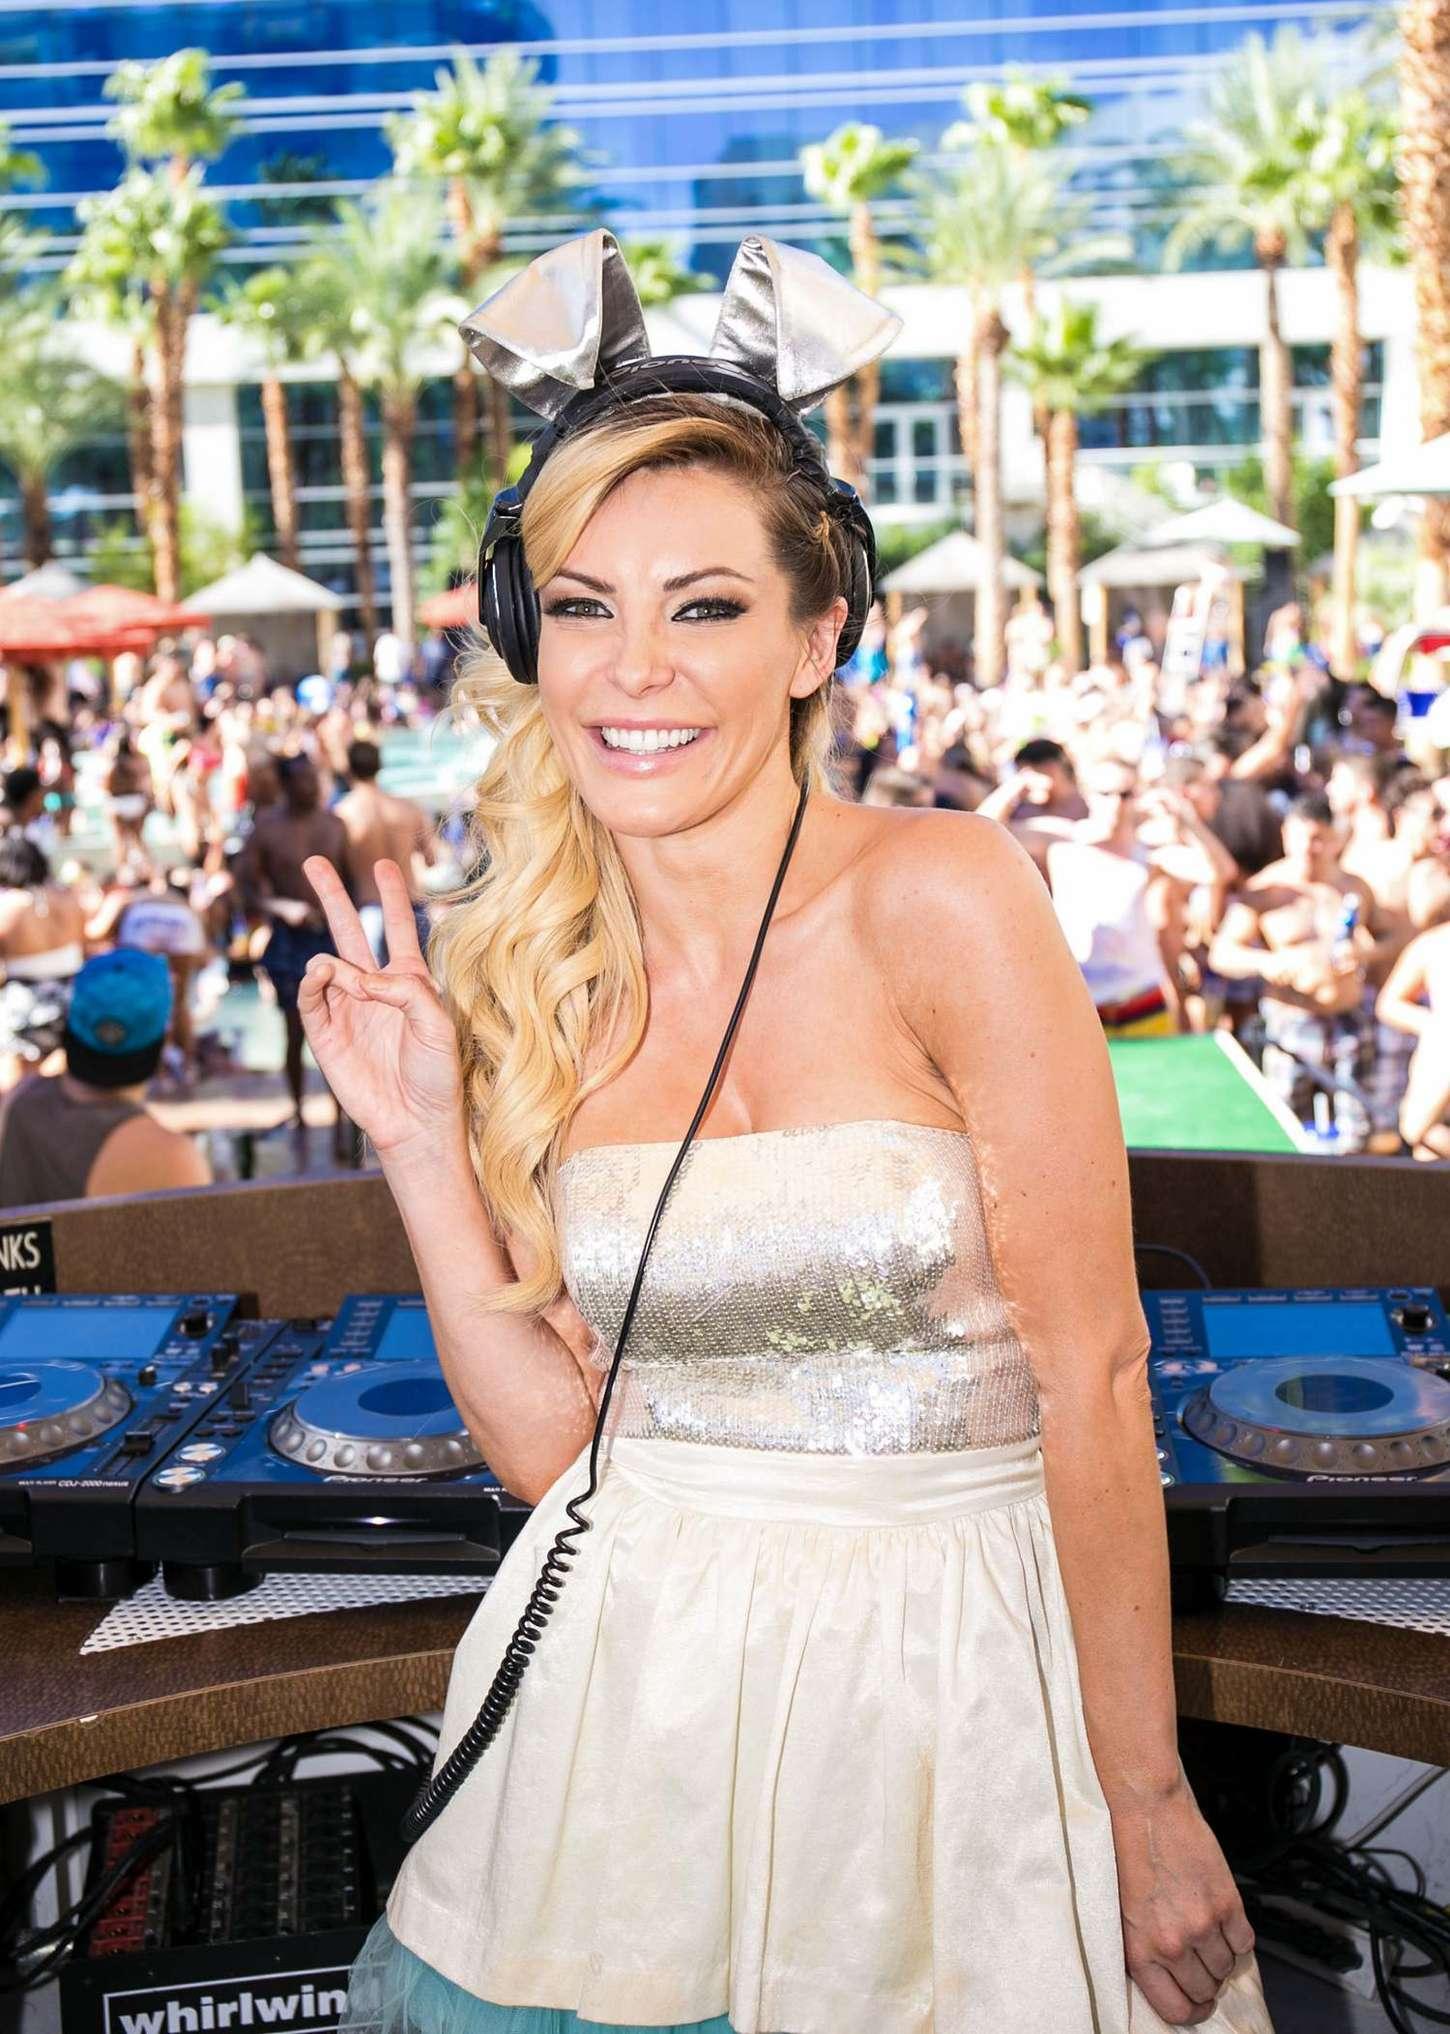 Crystal Hefner at Rehab Pool Party in Las Vegas